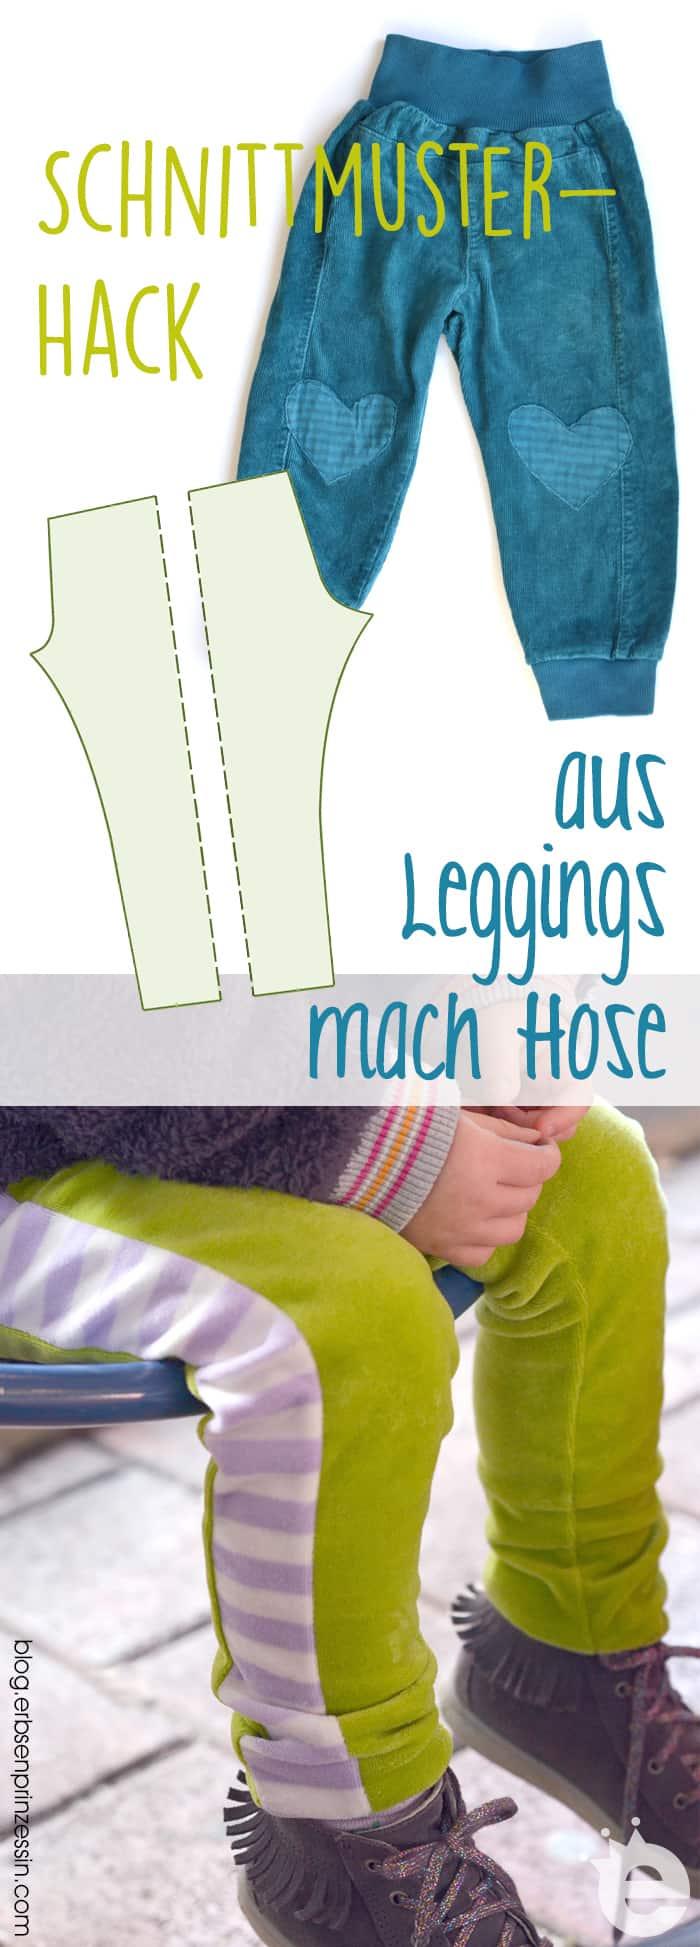 Näh-Hack: Aus Leggings mach Kinderhose. Nähtutorial für einfache Kinderhosen nach einem Leggingsschnittmutser